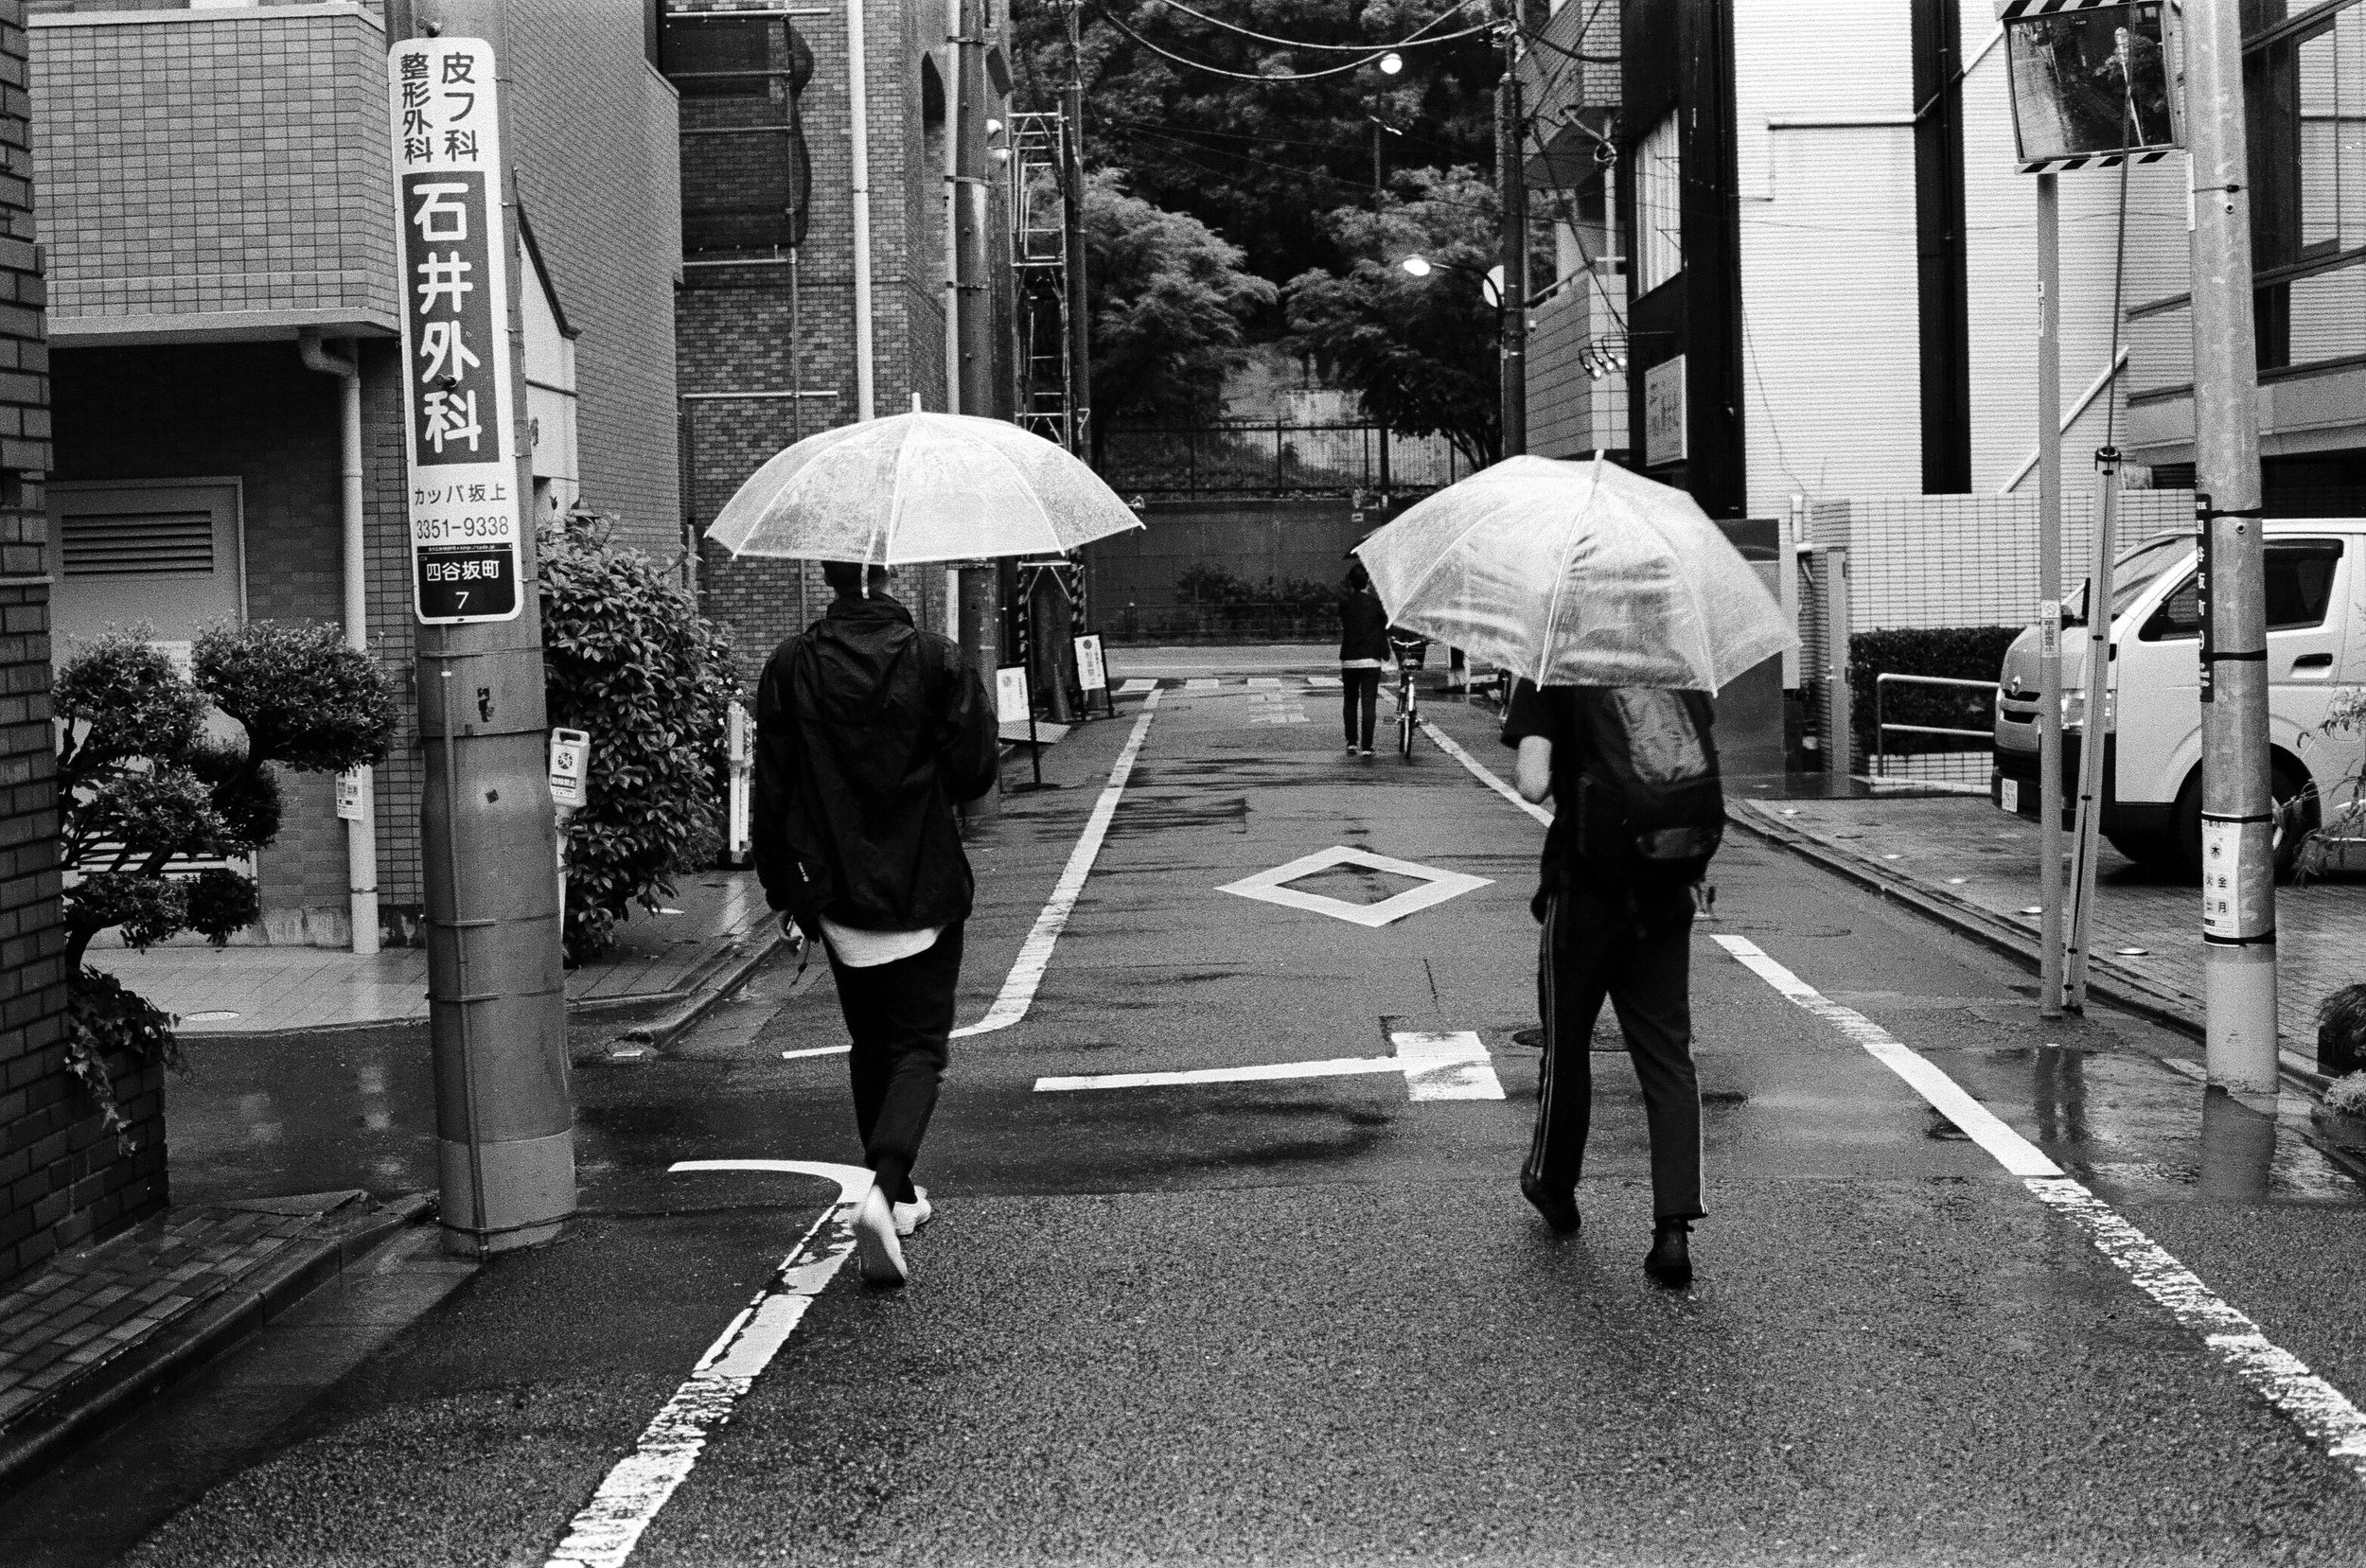 BW_TOKYO_000035000018.jpg